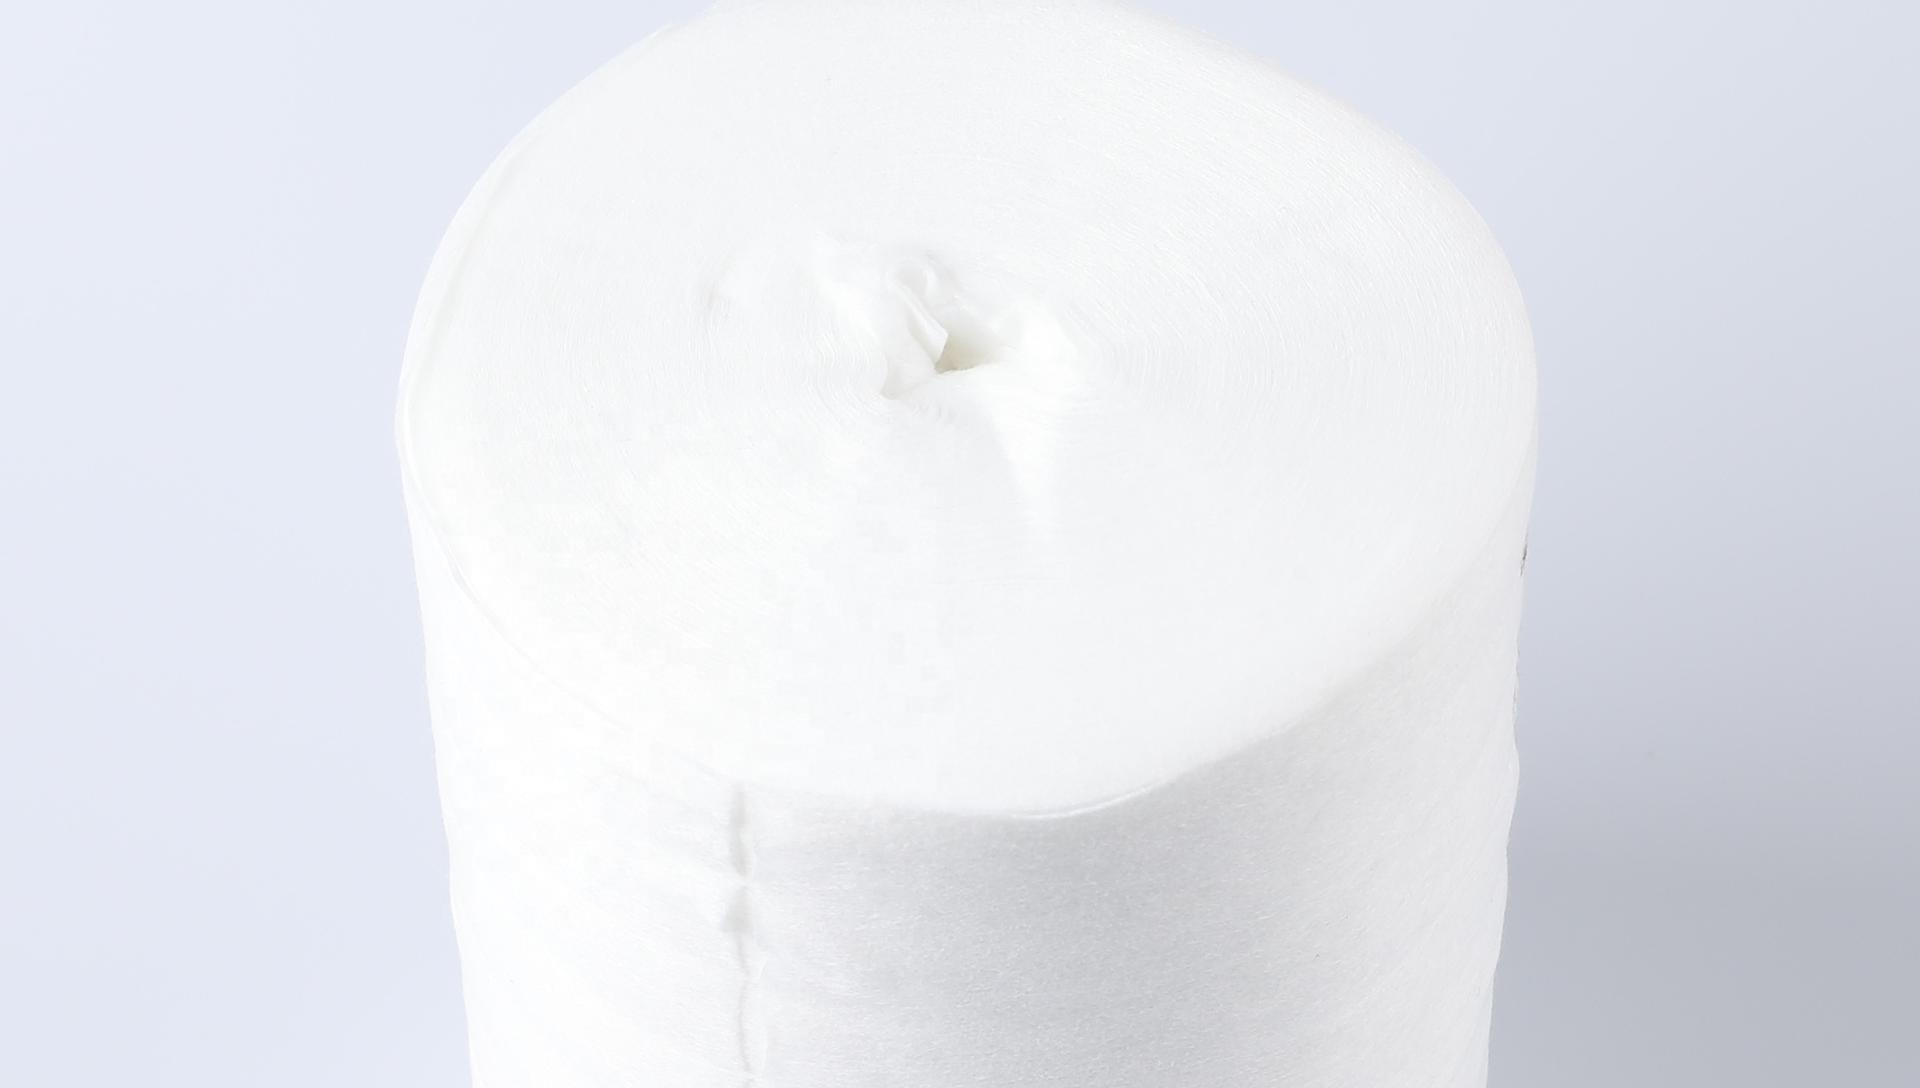 बहुउद्देशीय डिस्पोजेबल गैर बुना कपड़े के लिए सूखी पोंछे प्लास्टिक कनस्तर हाथ बैरल गीले पोंछे